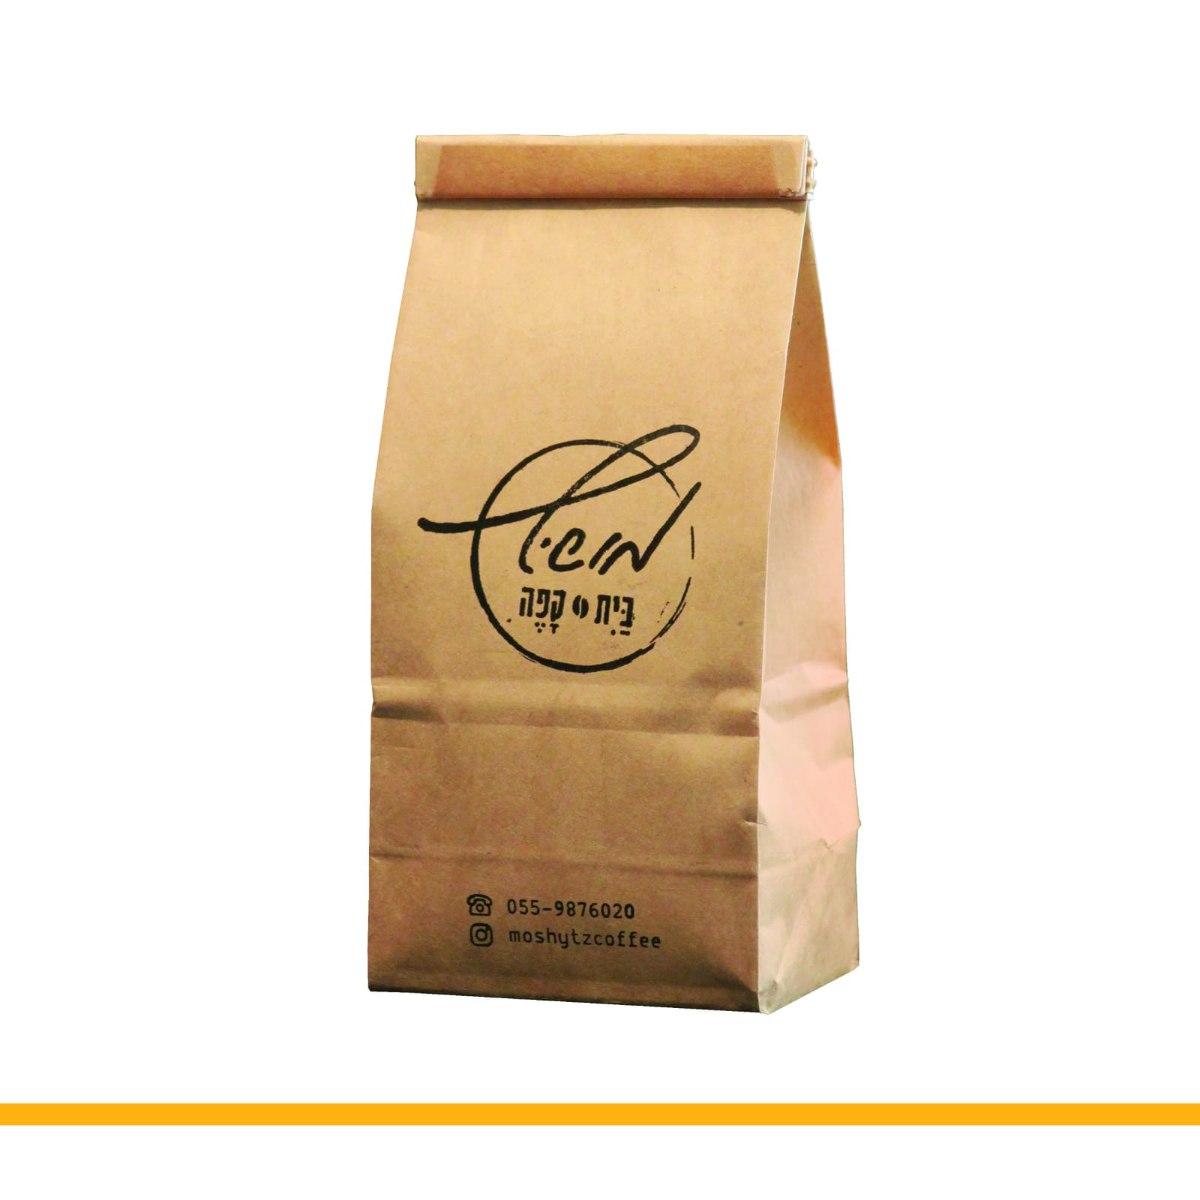 250 גרם טחון למקינטה- קפה מושיץ